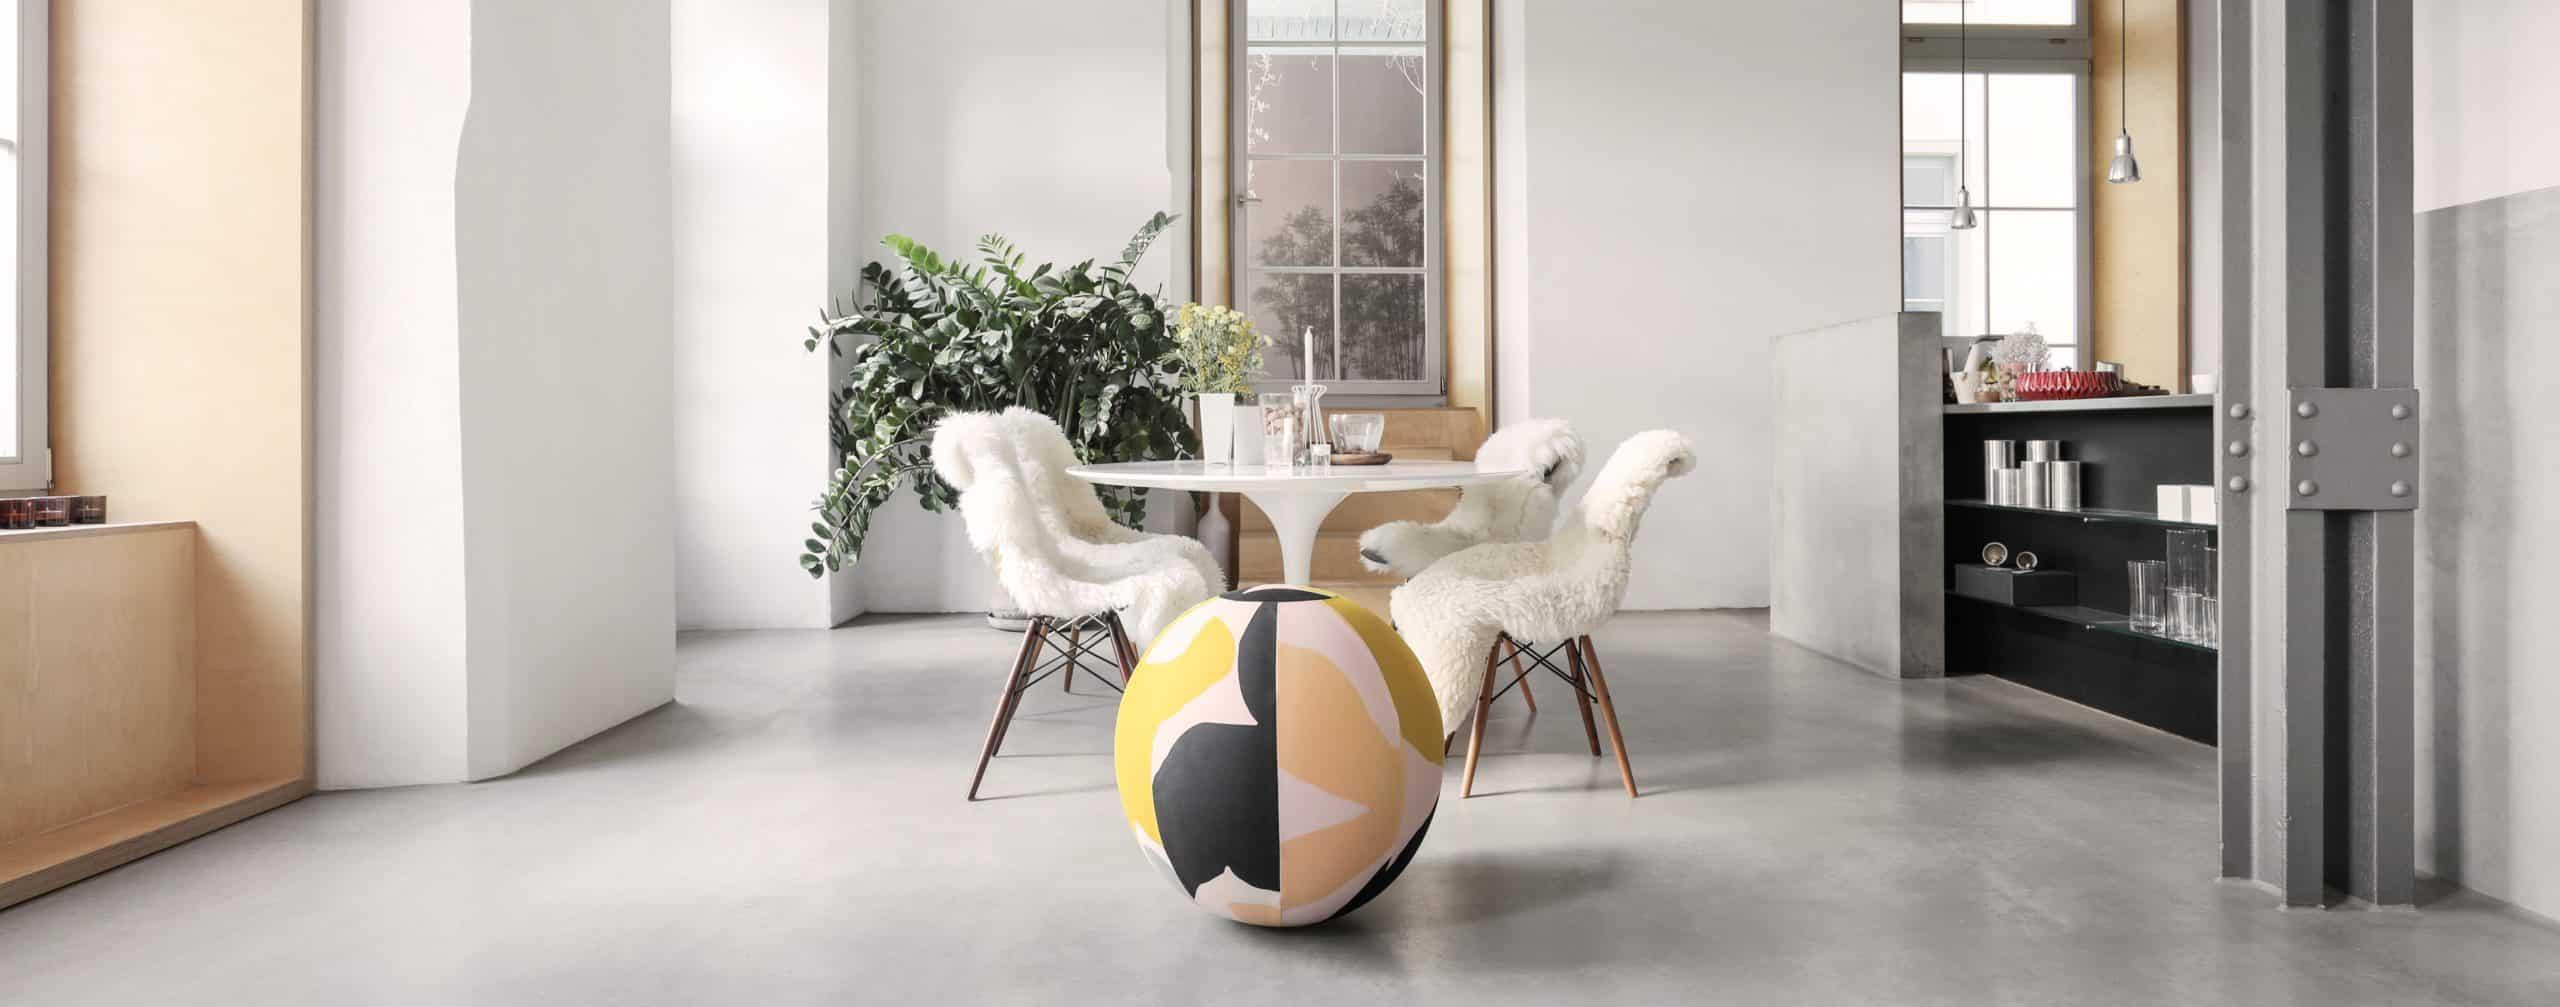 Palestra in casa: accessori di design per allenarsi con stile